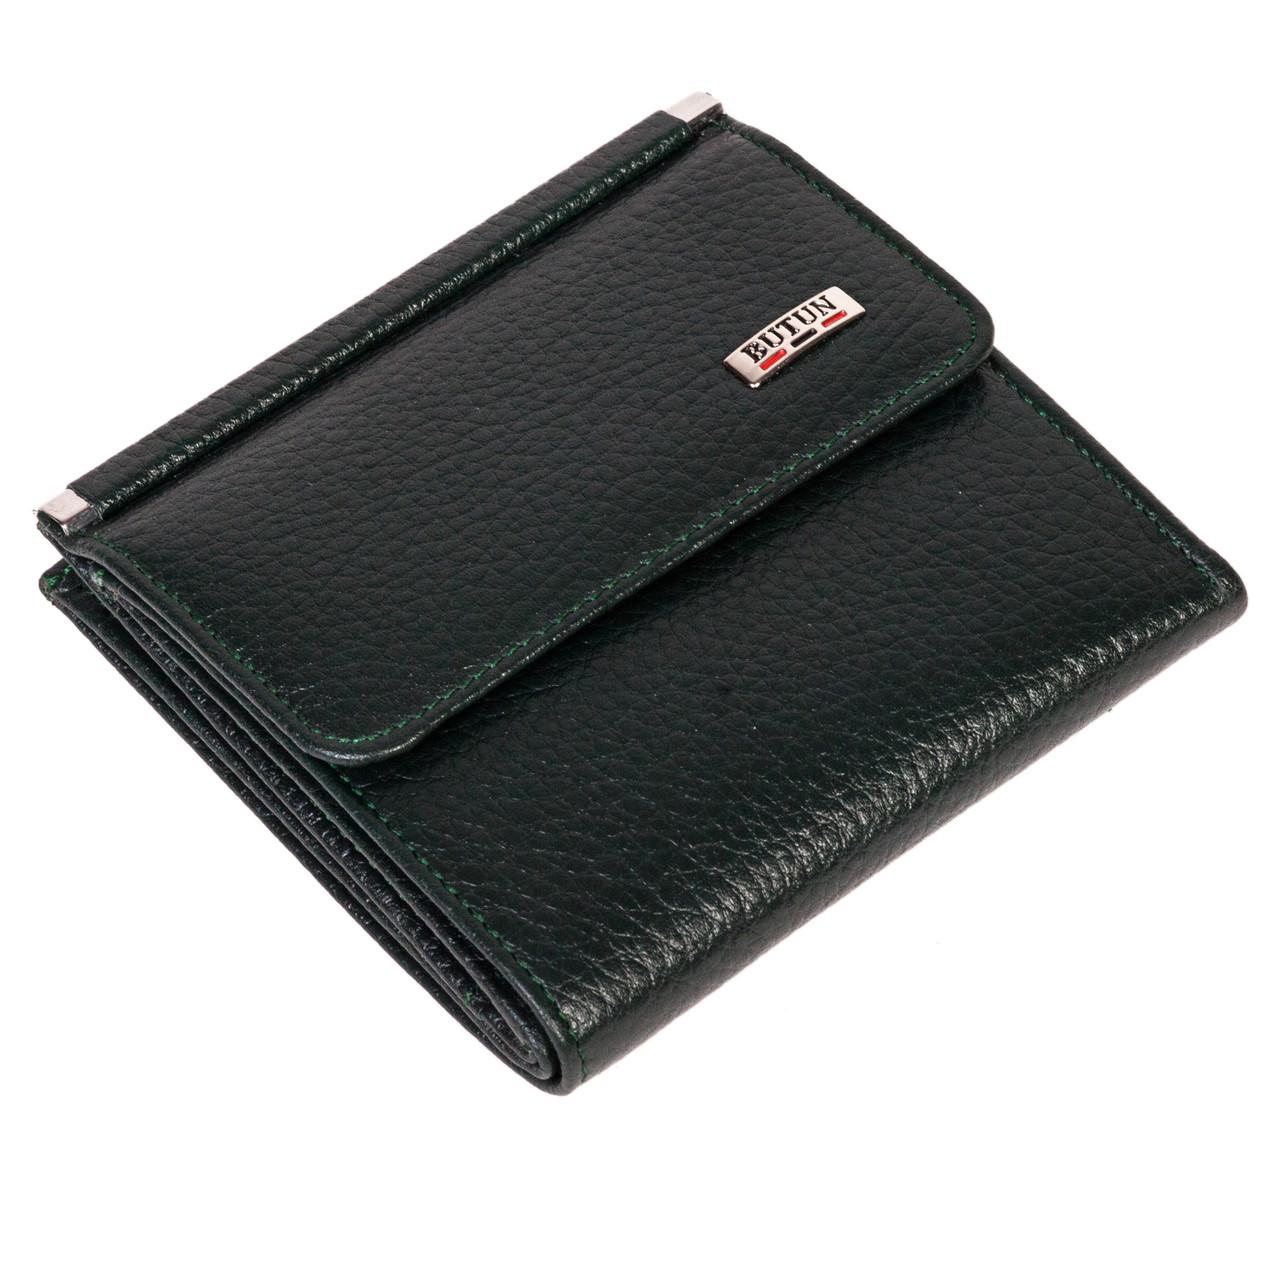 Женский кошелек BUTUN 590-004-009 кожаный темно-зеленый